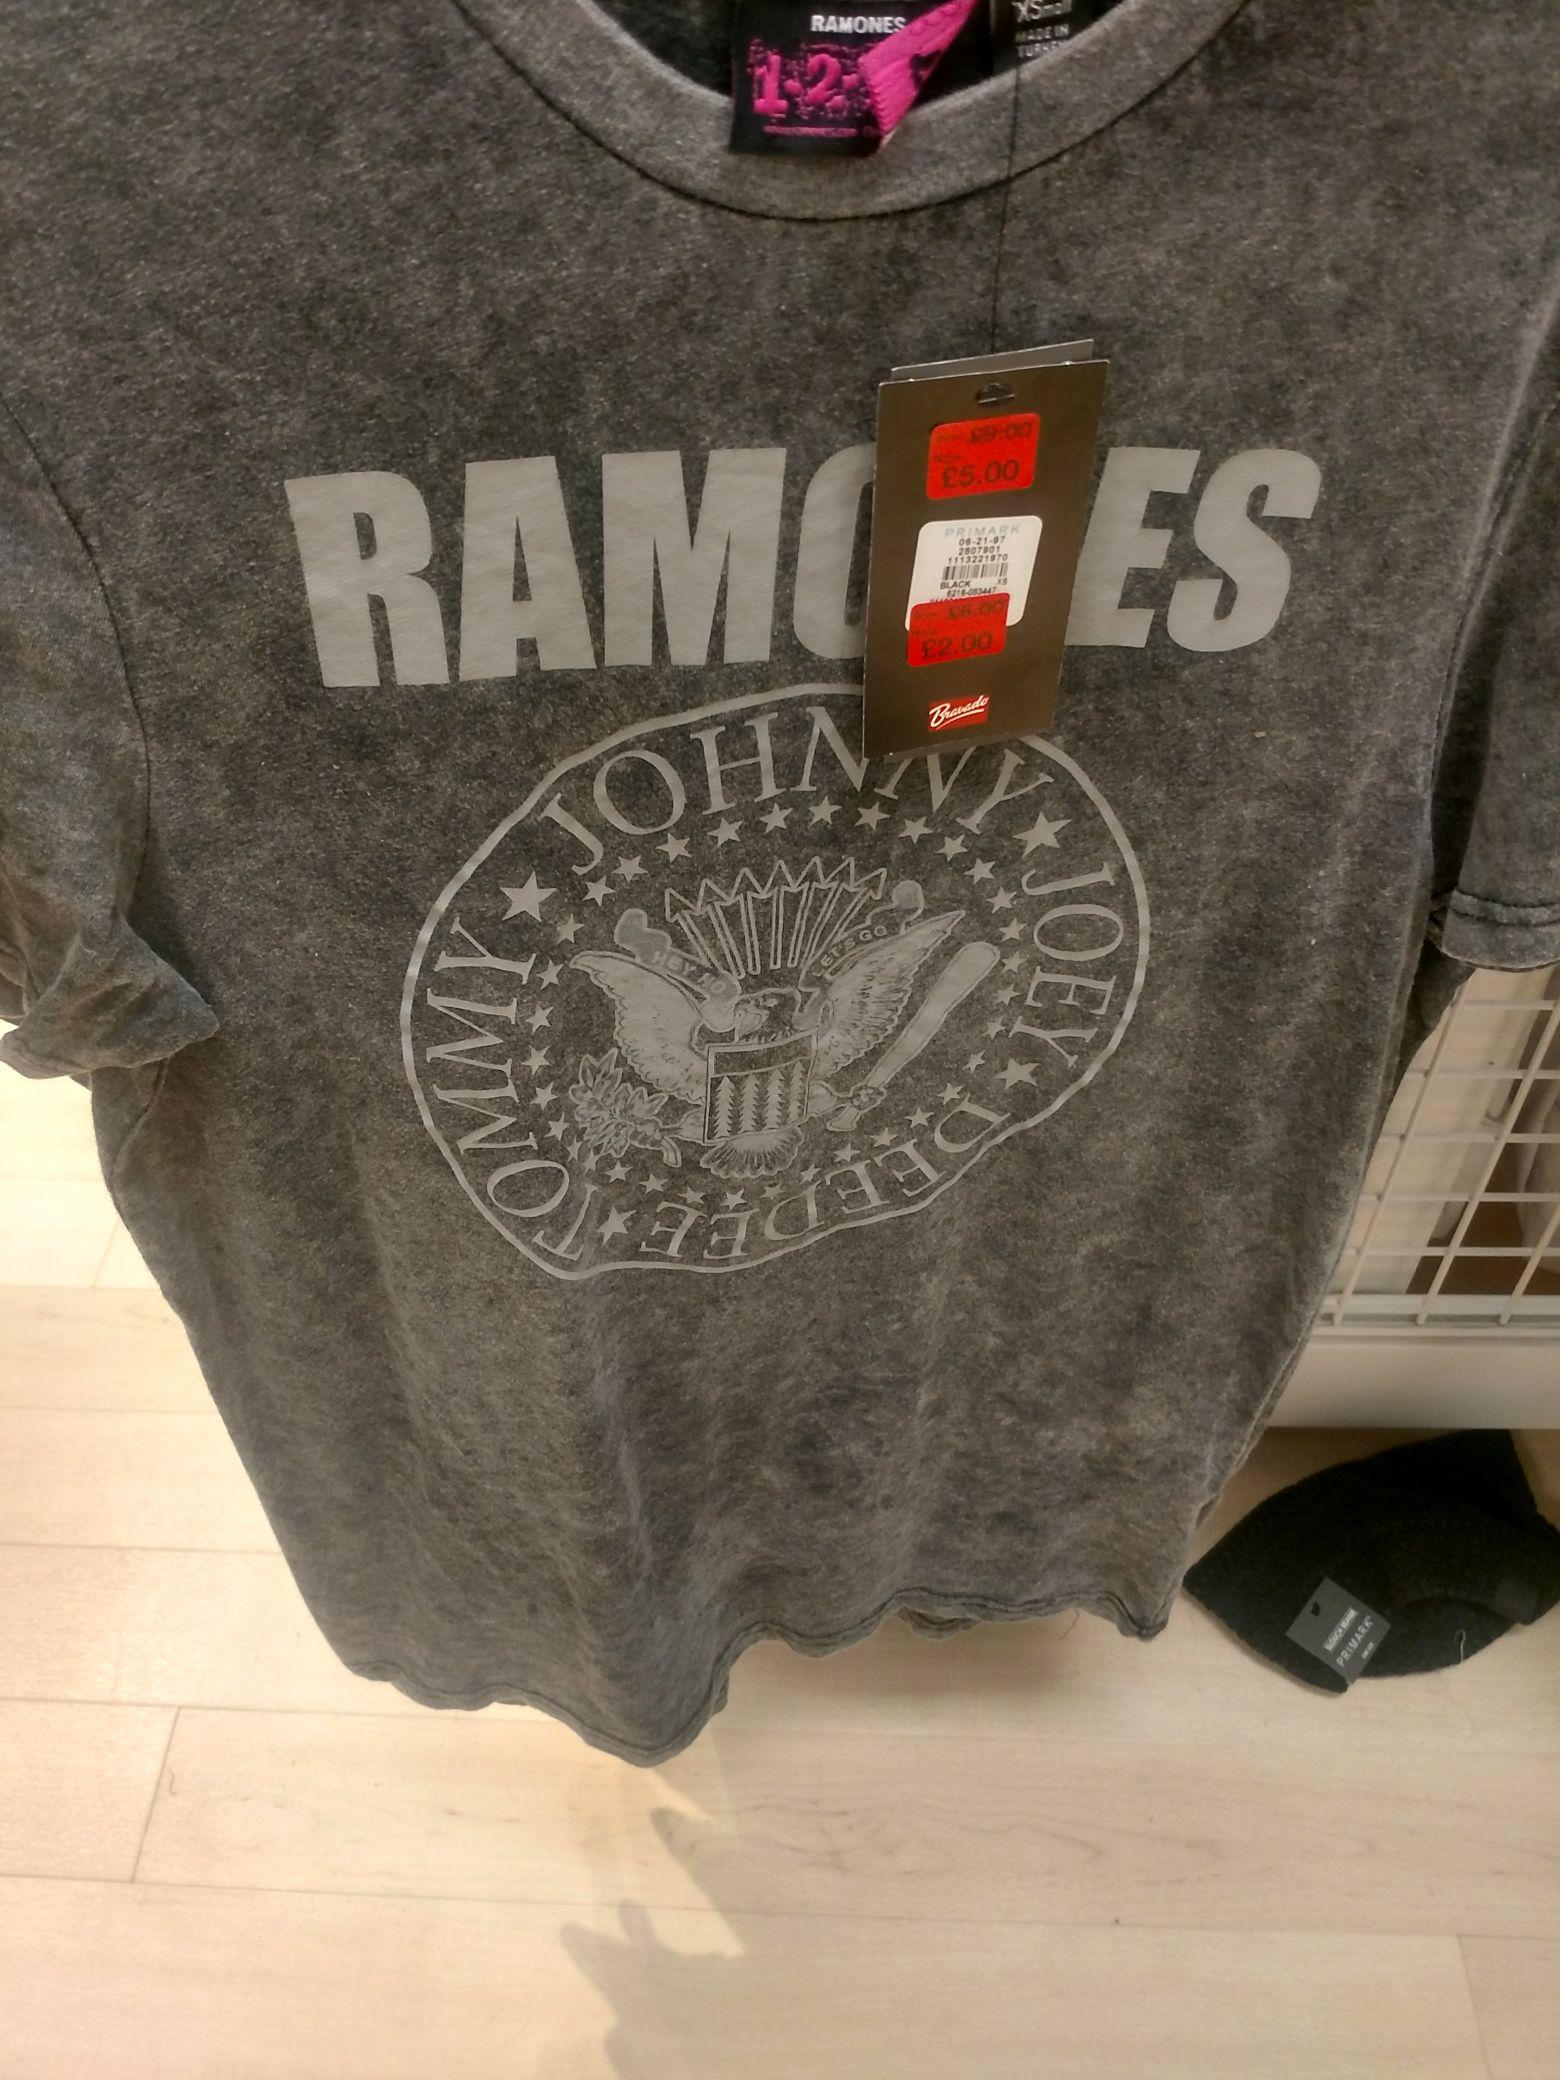 Ramones Tee shirts £2 in Primark